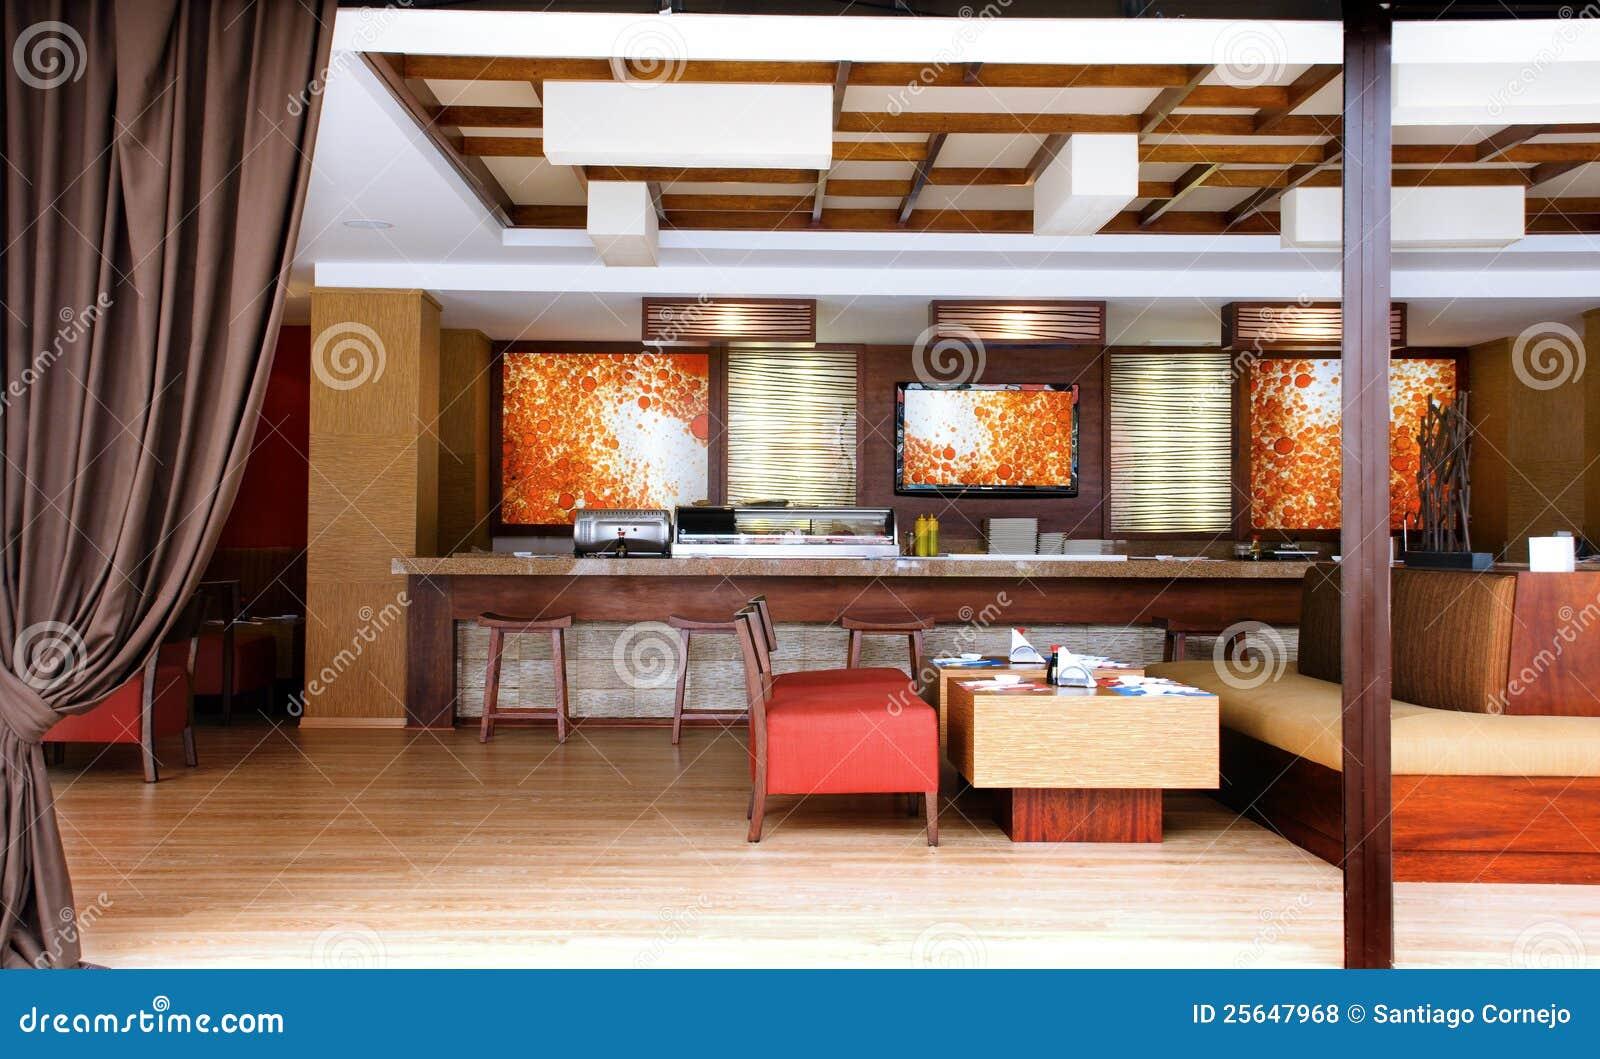 Dise O Interior Restaurante Fotos De Archivo Libres De